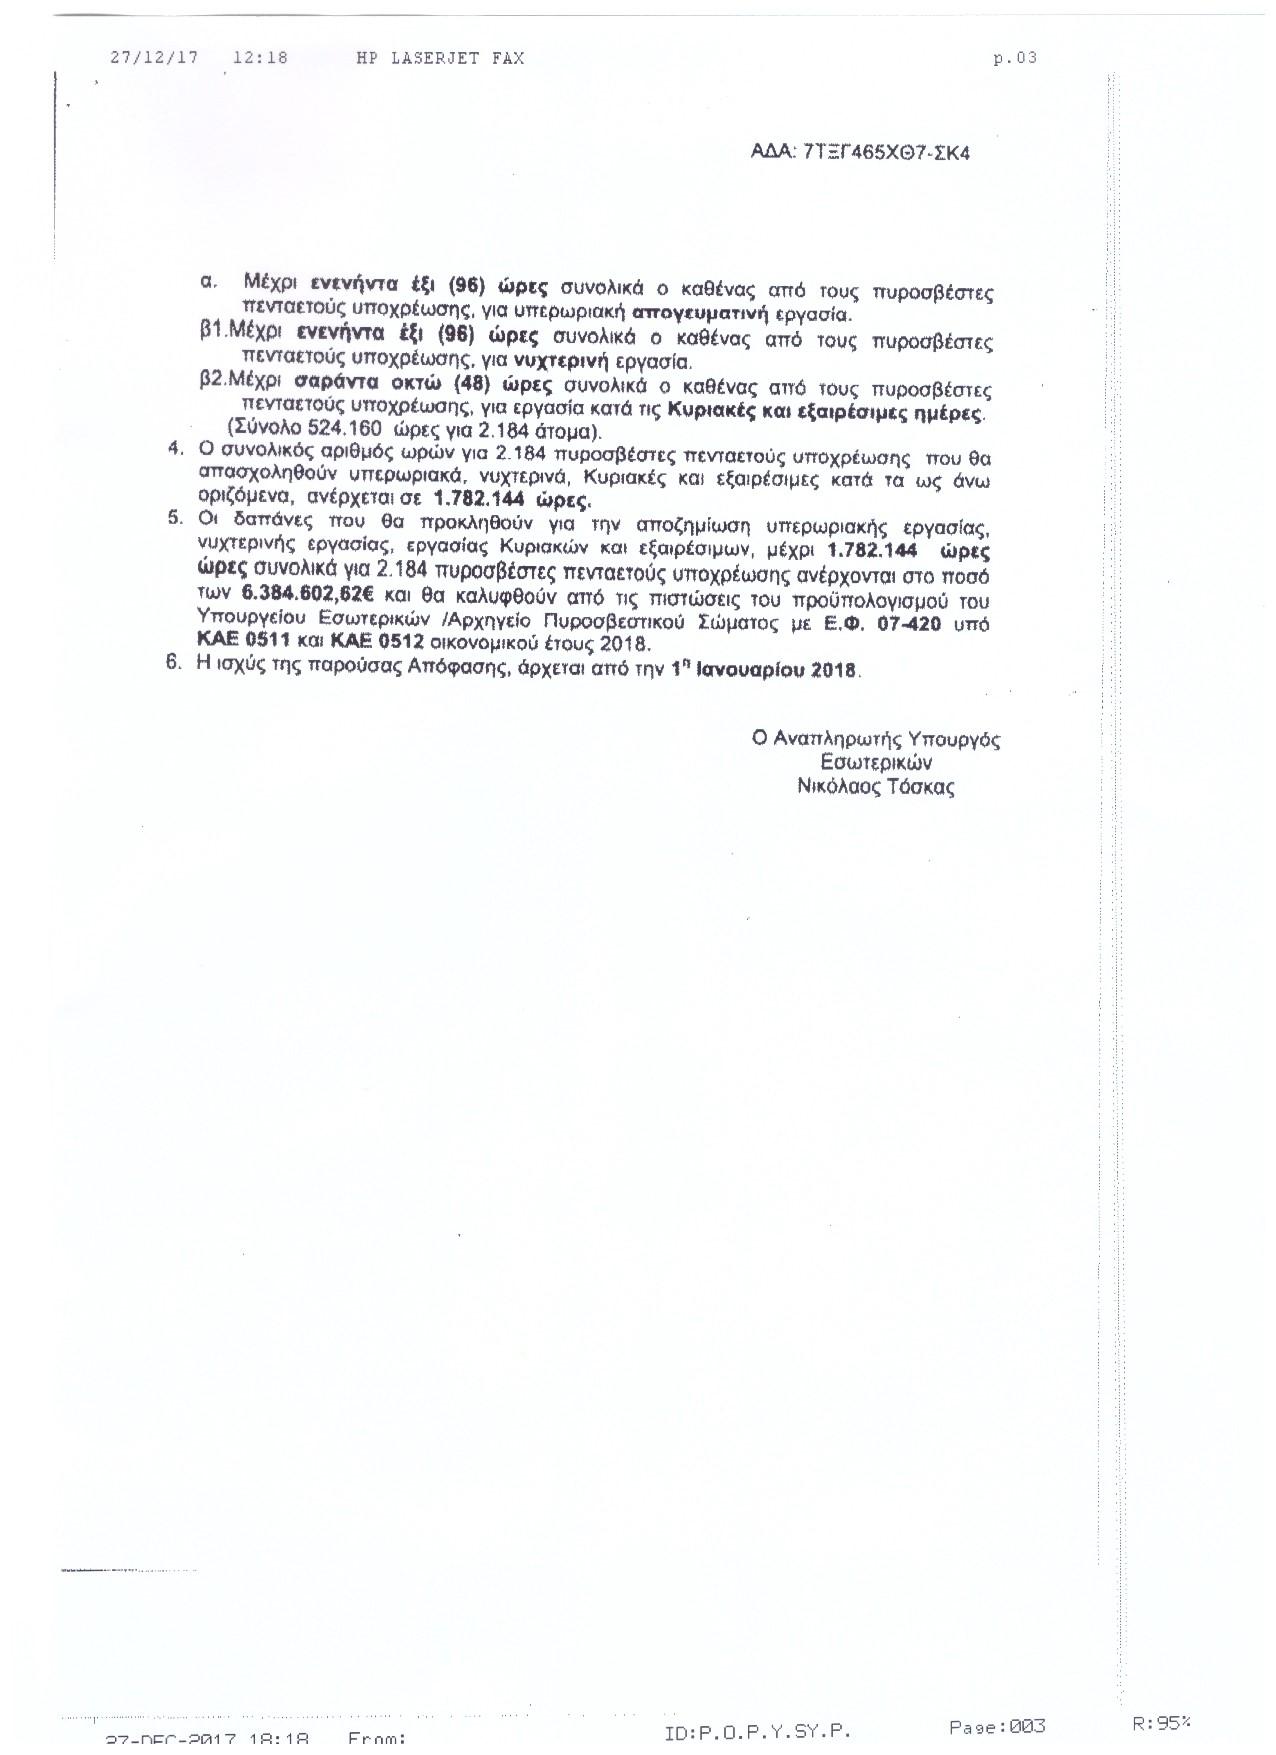 Αρ. Πρωτοκ. 2500 27.12.2017 ΥΑ με υπερωρίες νυκτερινά και εξαιρέσιμες τριετών ΠΠΥ 3